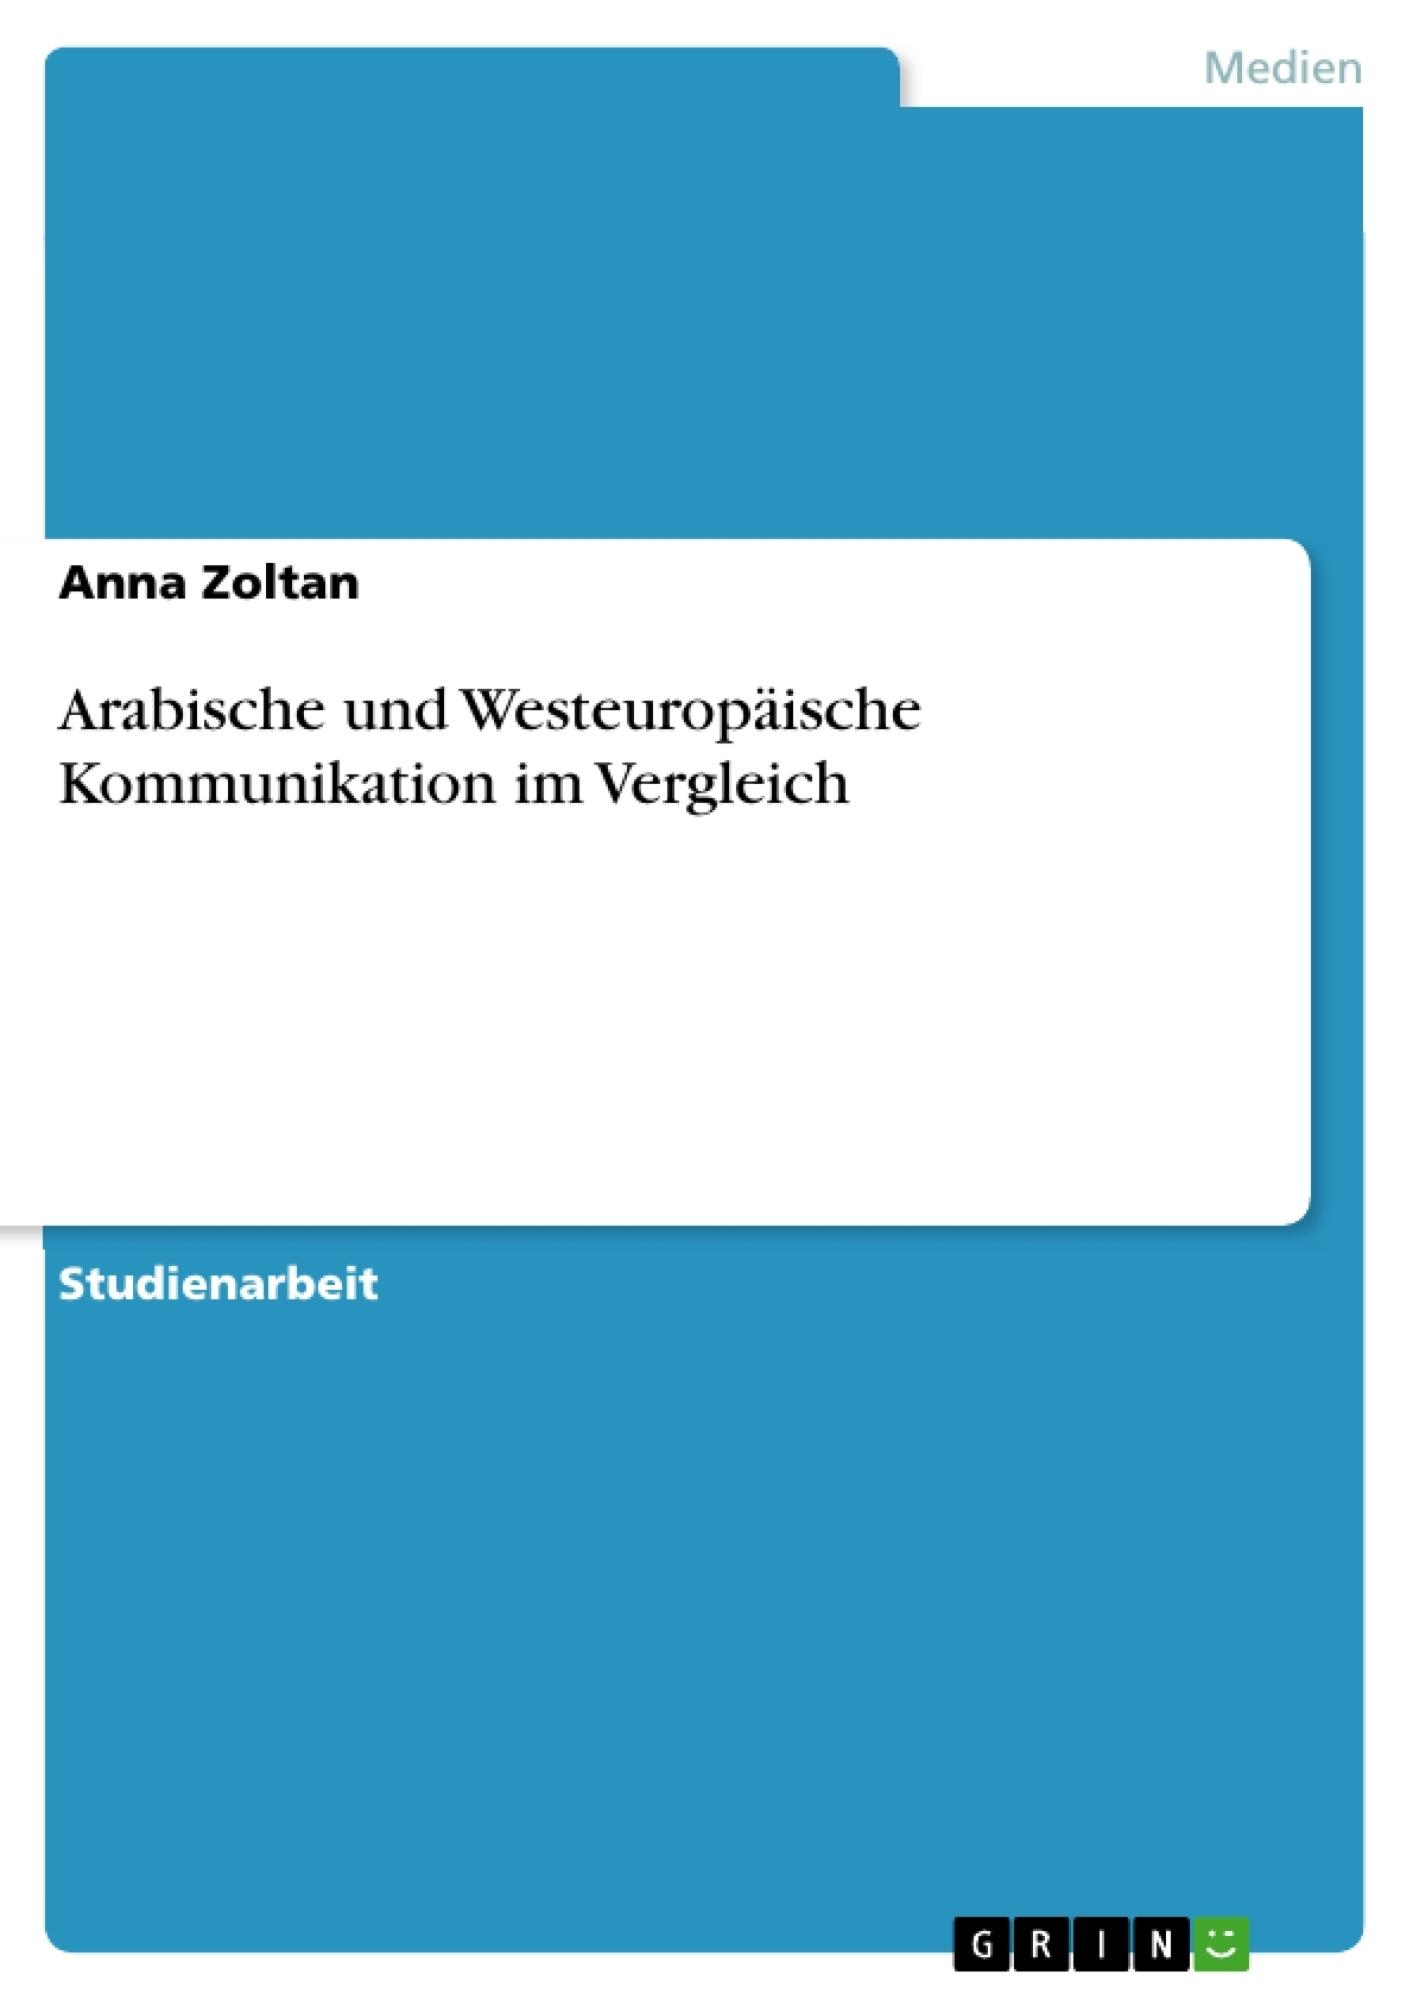 Titel: Arabische und Westeuropäische Kommunikation im Vergleich